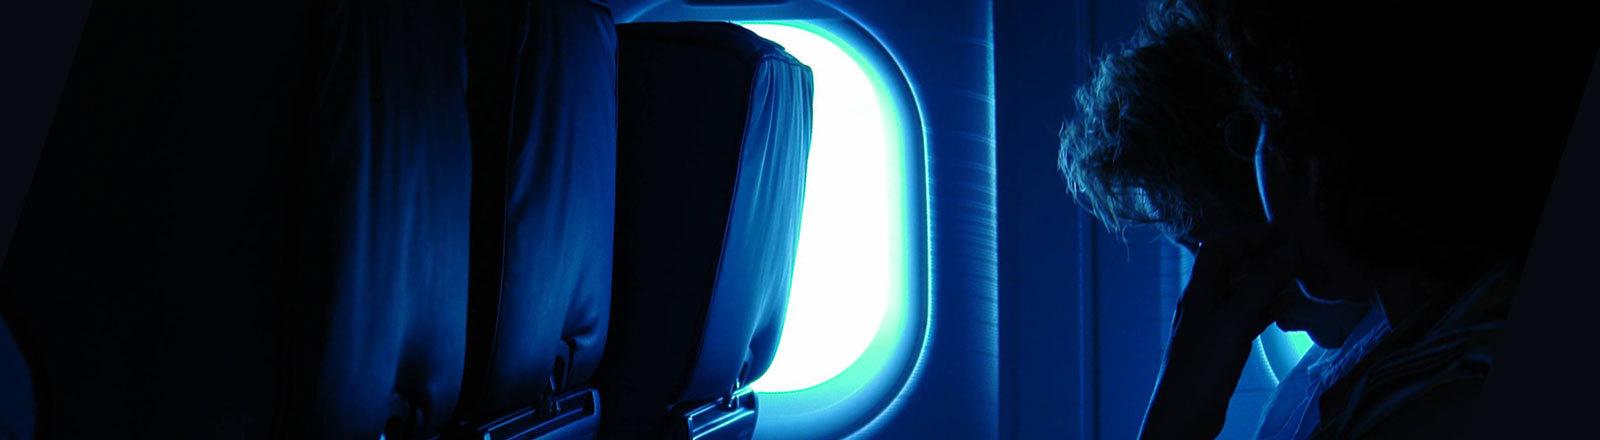 Fluggäste bei Nacht